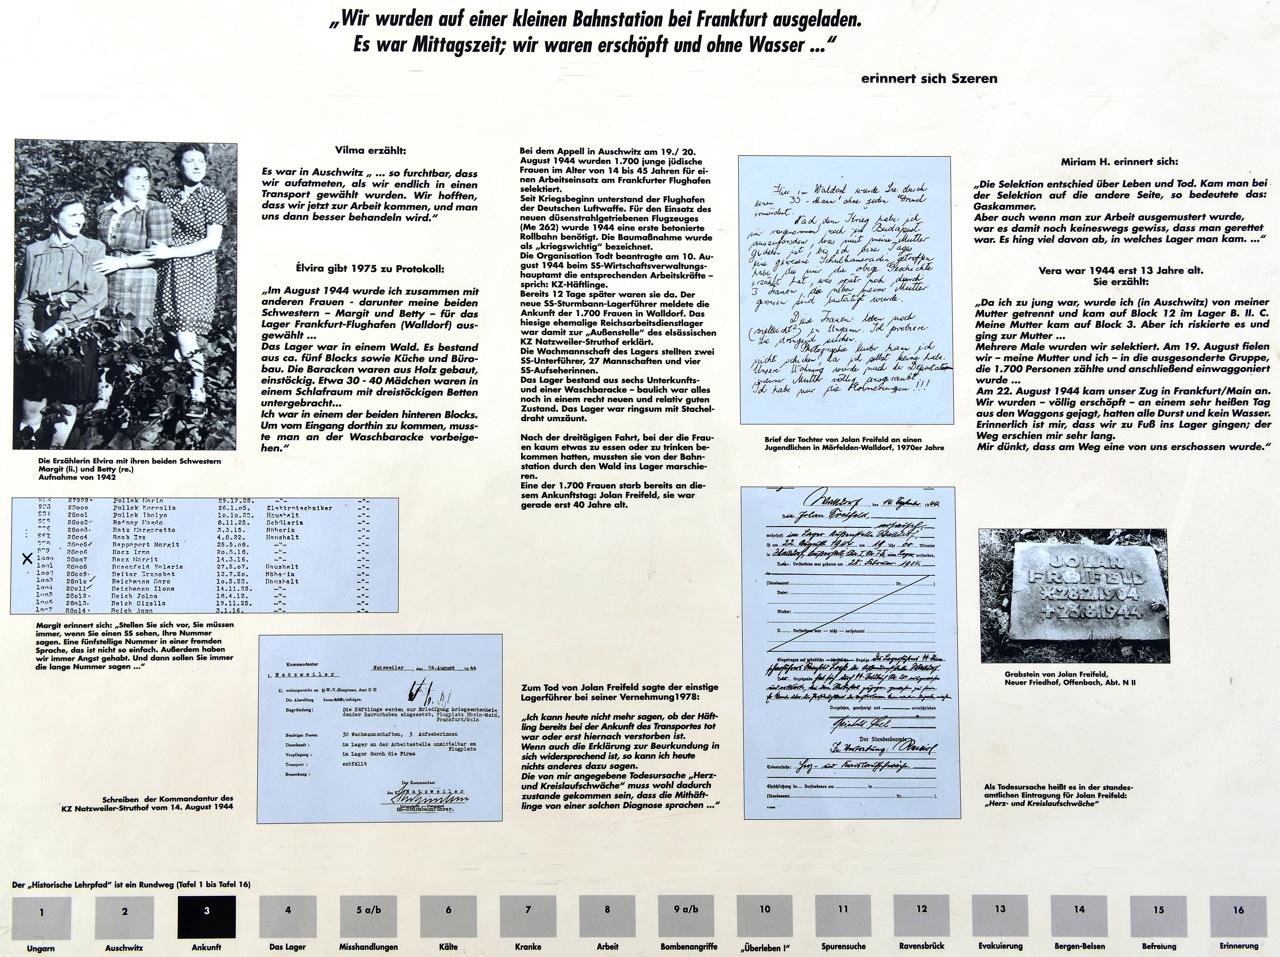 KZ-Außenlager Walldorf Gedenkstätte Einweihung  am 25.September 2016. Mit Lehrpfad um das KZ-Außenlager Geschichte des Holocaust begreifen.